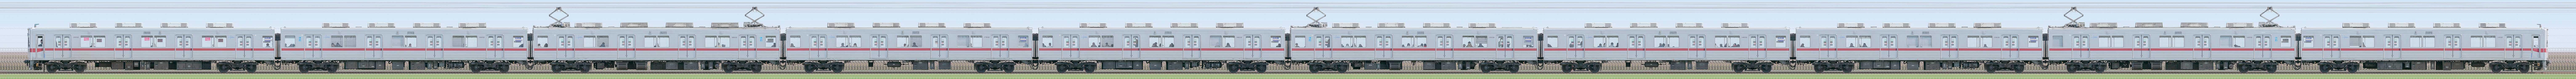 東武10030型(リニューアル車)11032編成(山側)の編成サイドビュー